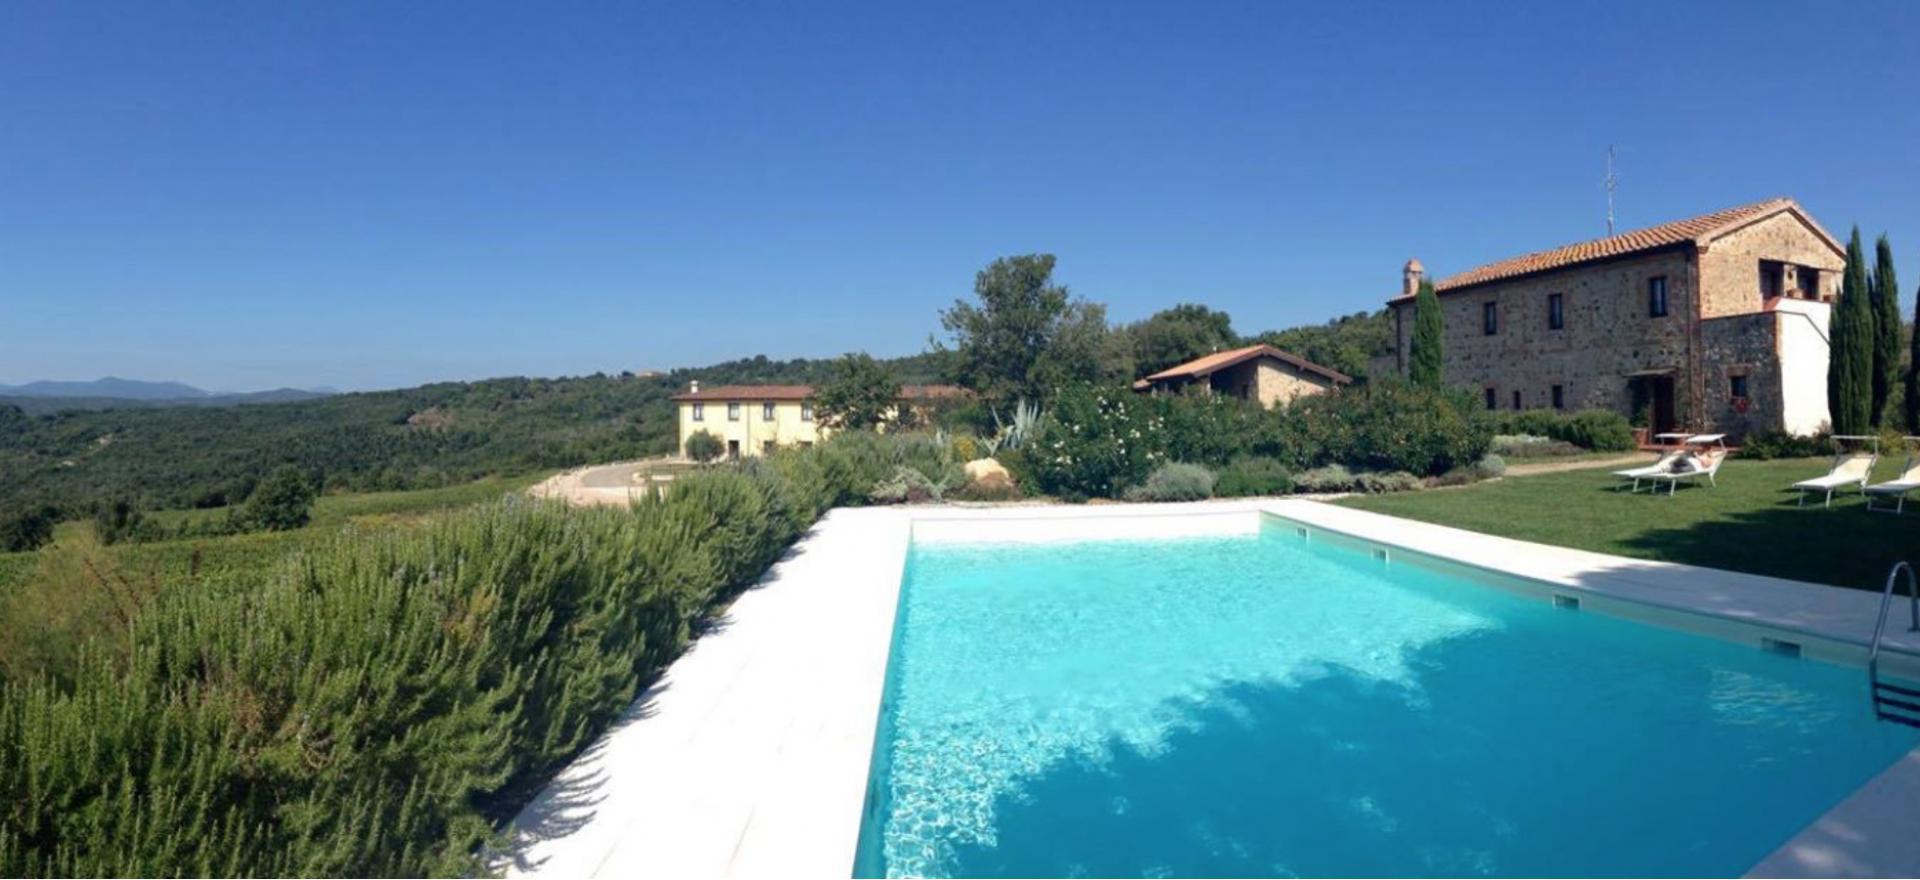 Agriturismo Toscane Agriturismo tussen wijngaarden ten zuiden van Siena